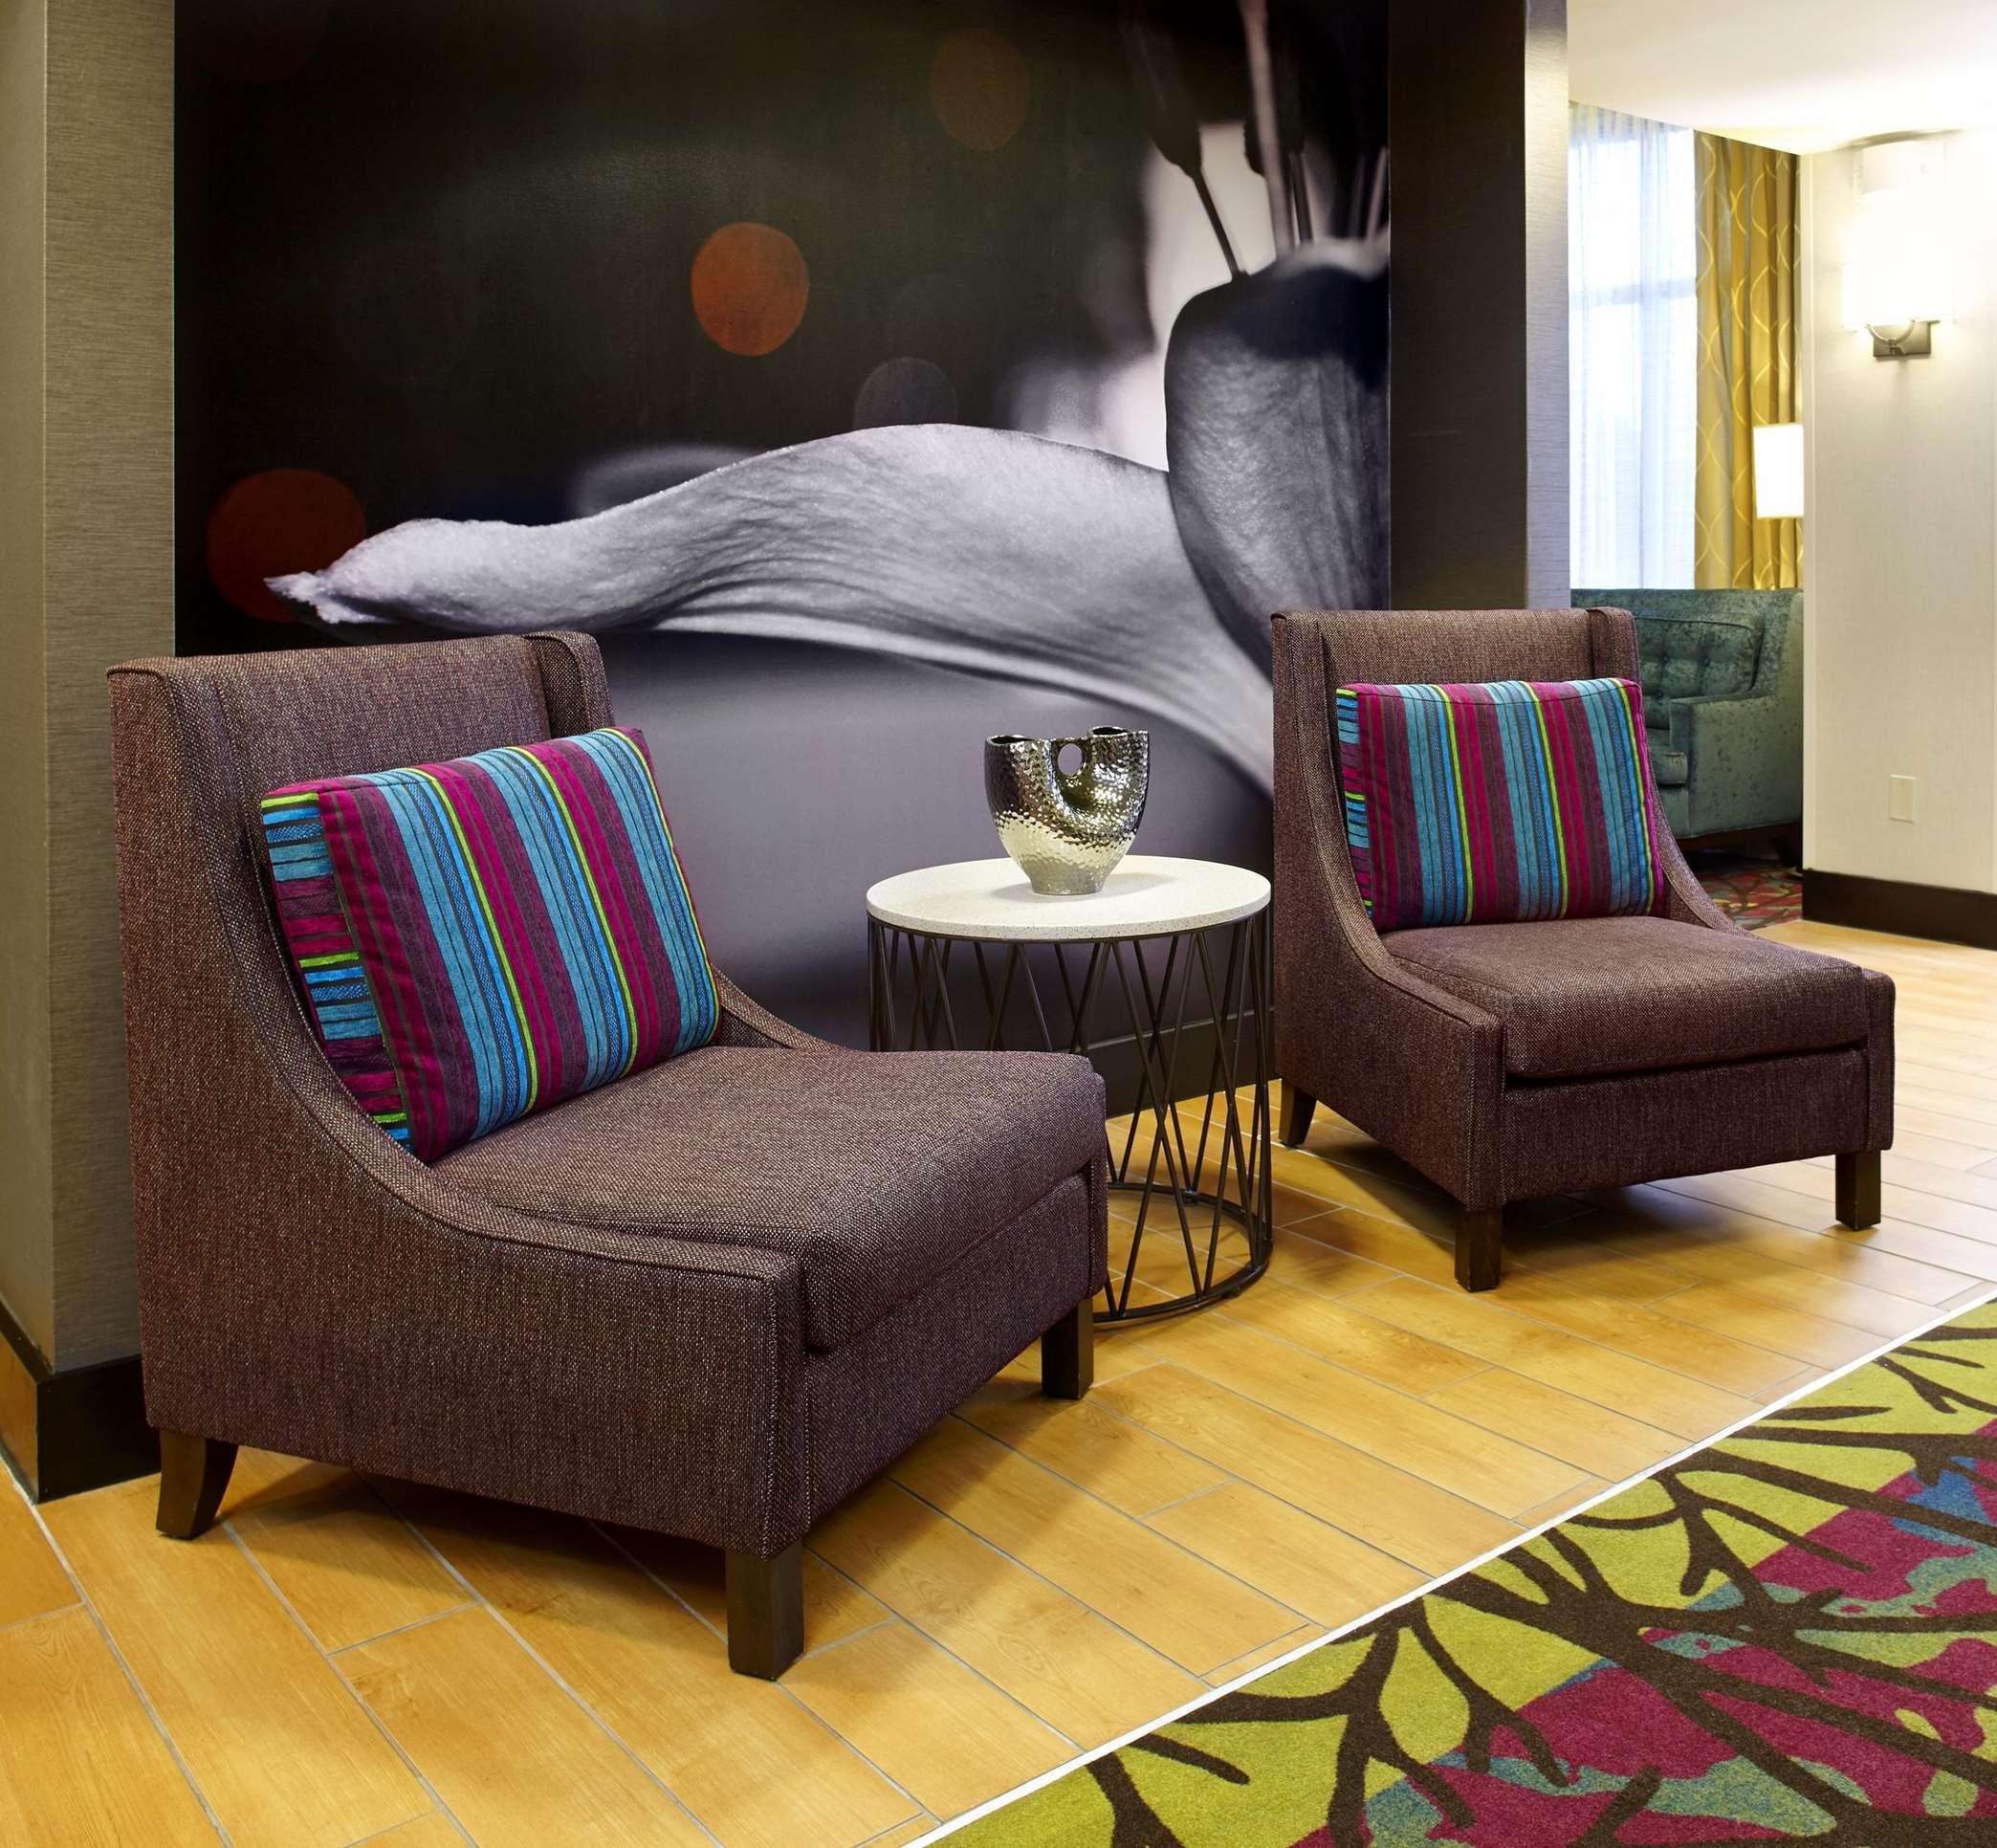 Hampton Inn & Suites Clearwater/St. Petersburg-Ulmerton Road, FL image 15